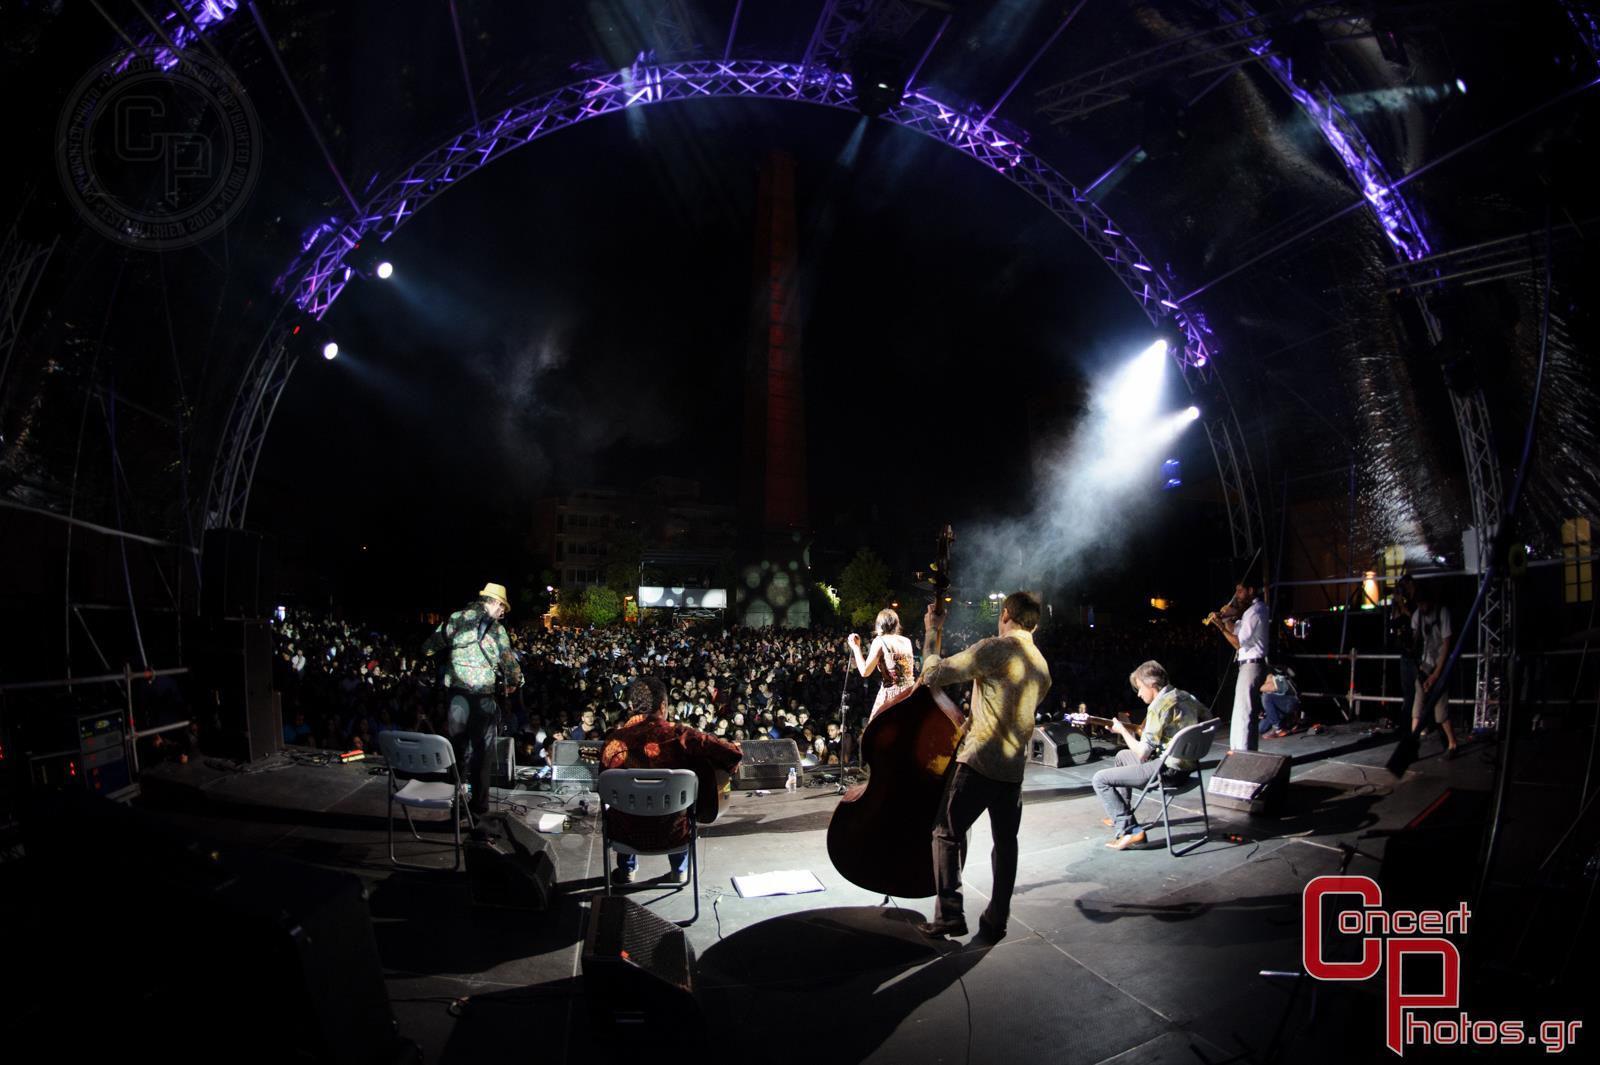 Μία συναυλία για τη Σχεδία 2014-Sxedia 2014 photographer:  - concertphotos_20140526_22_59_05